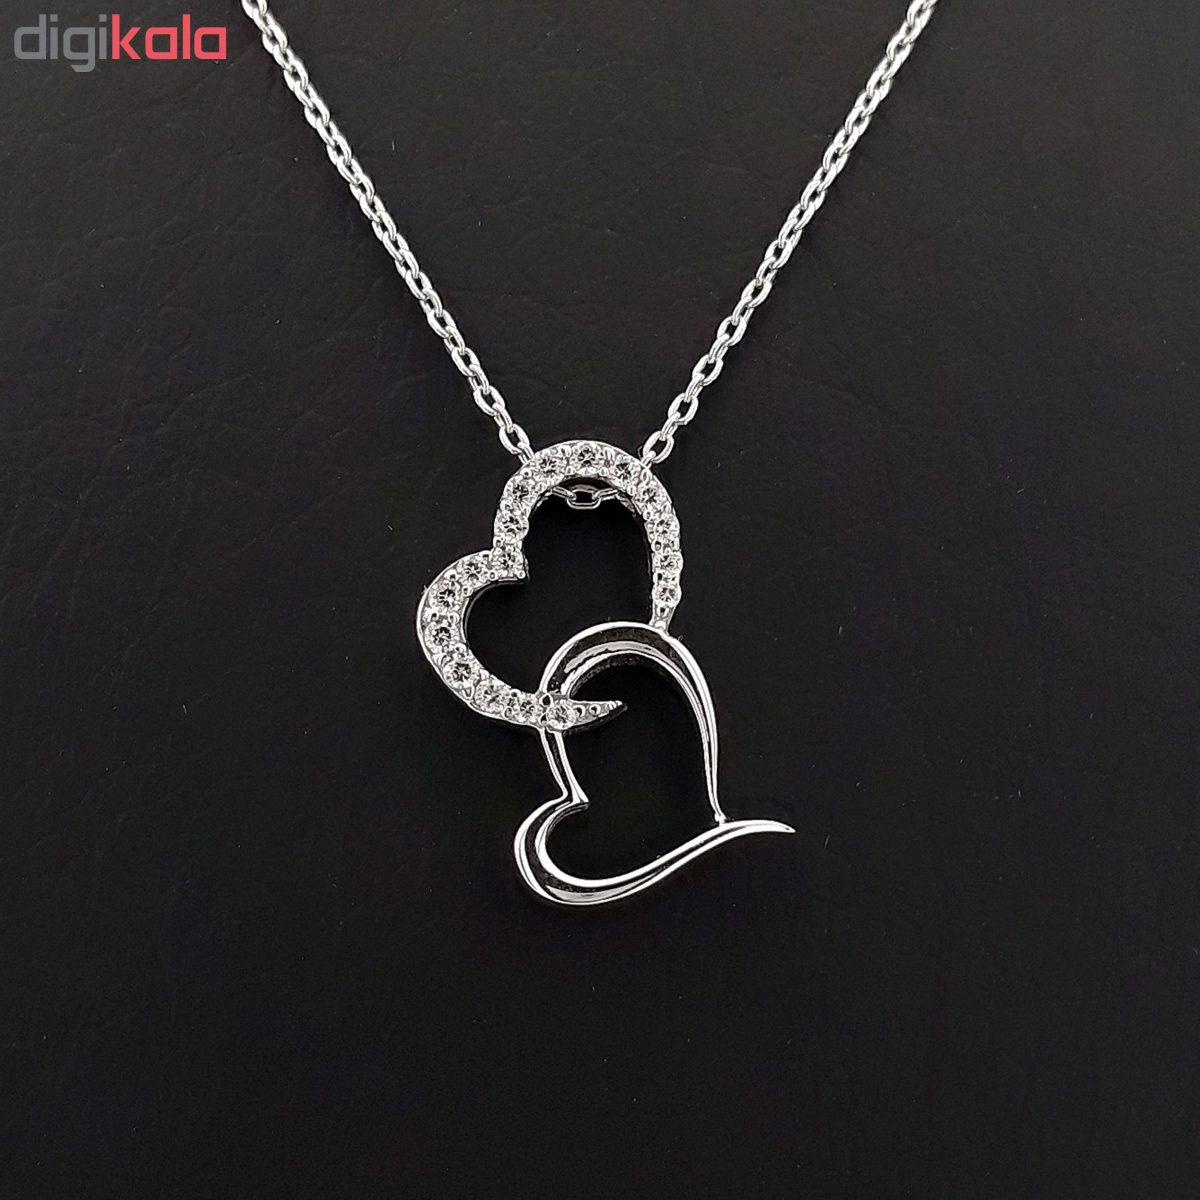 گردنبند نقره طرح قلب و عشق کد FL 162